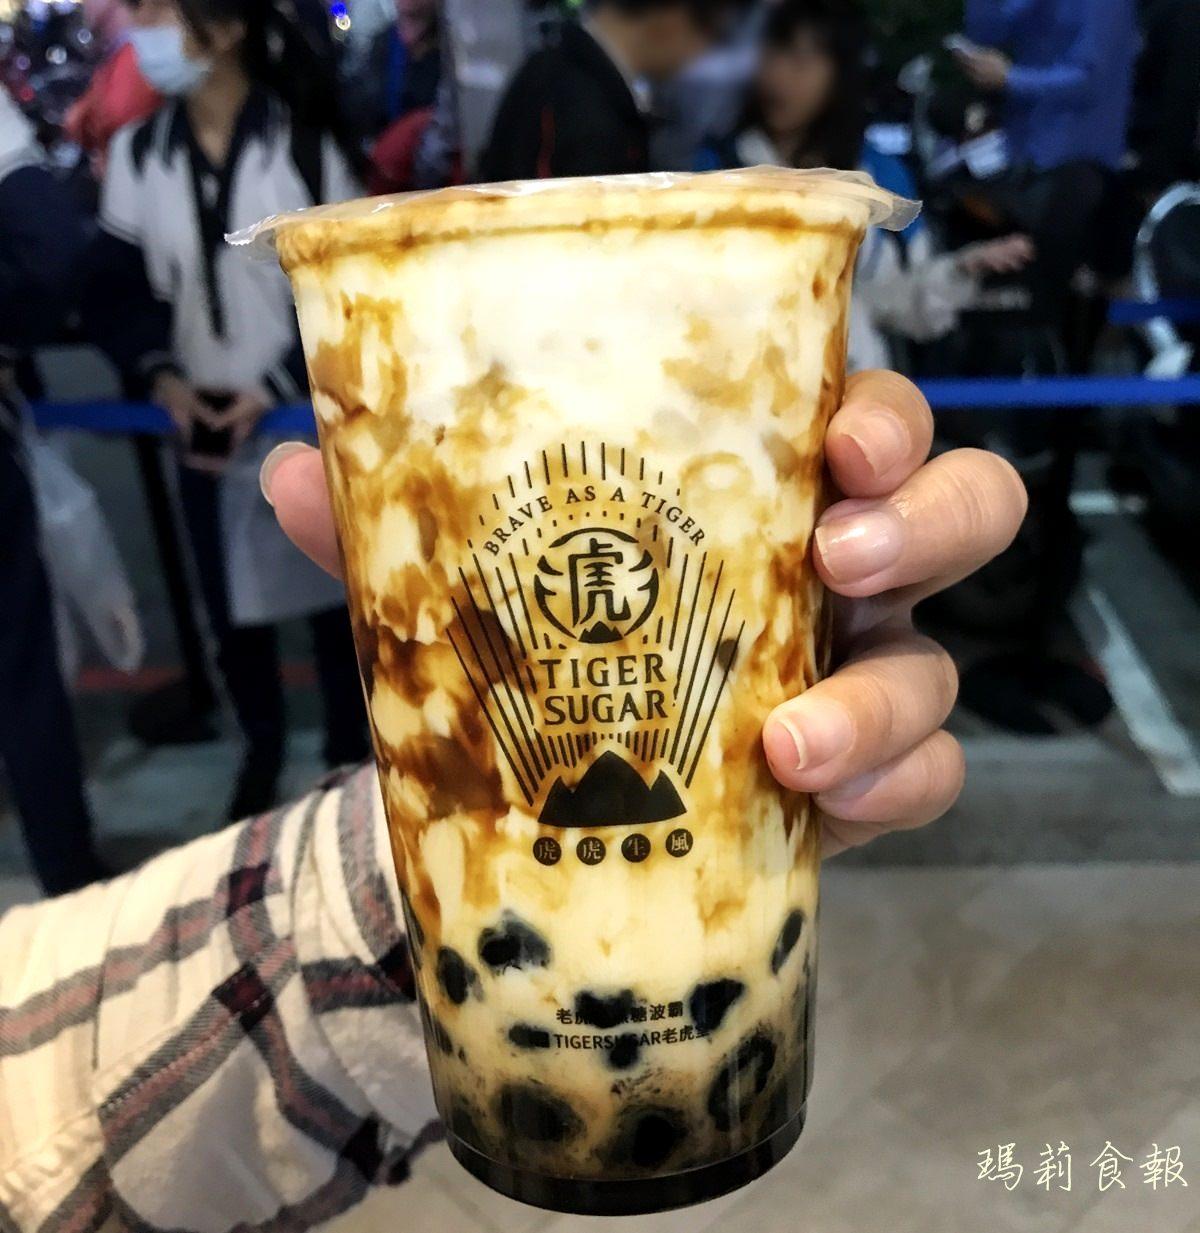 台中北區|老虎堂黑糖專賣 虎紋波霸厚鮮奶 IG最熱的一中街超人氣飲料店